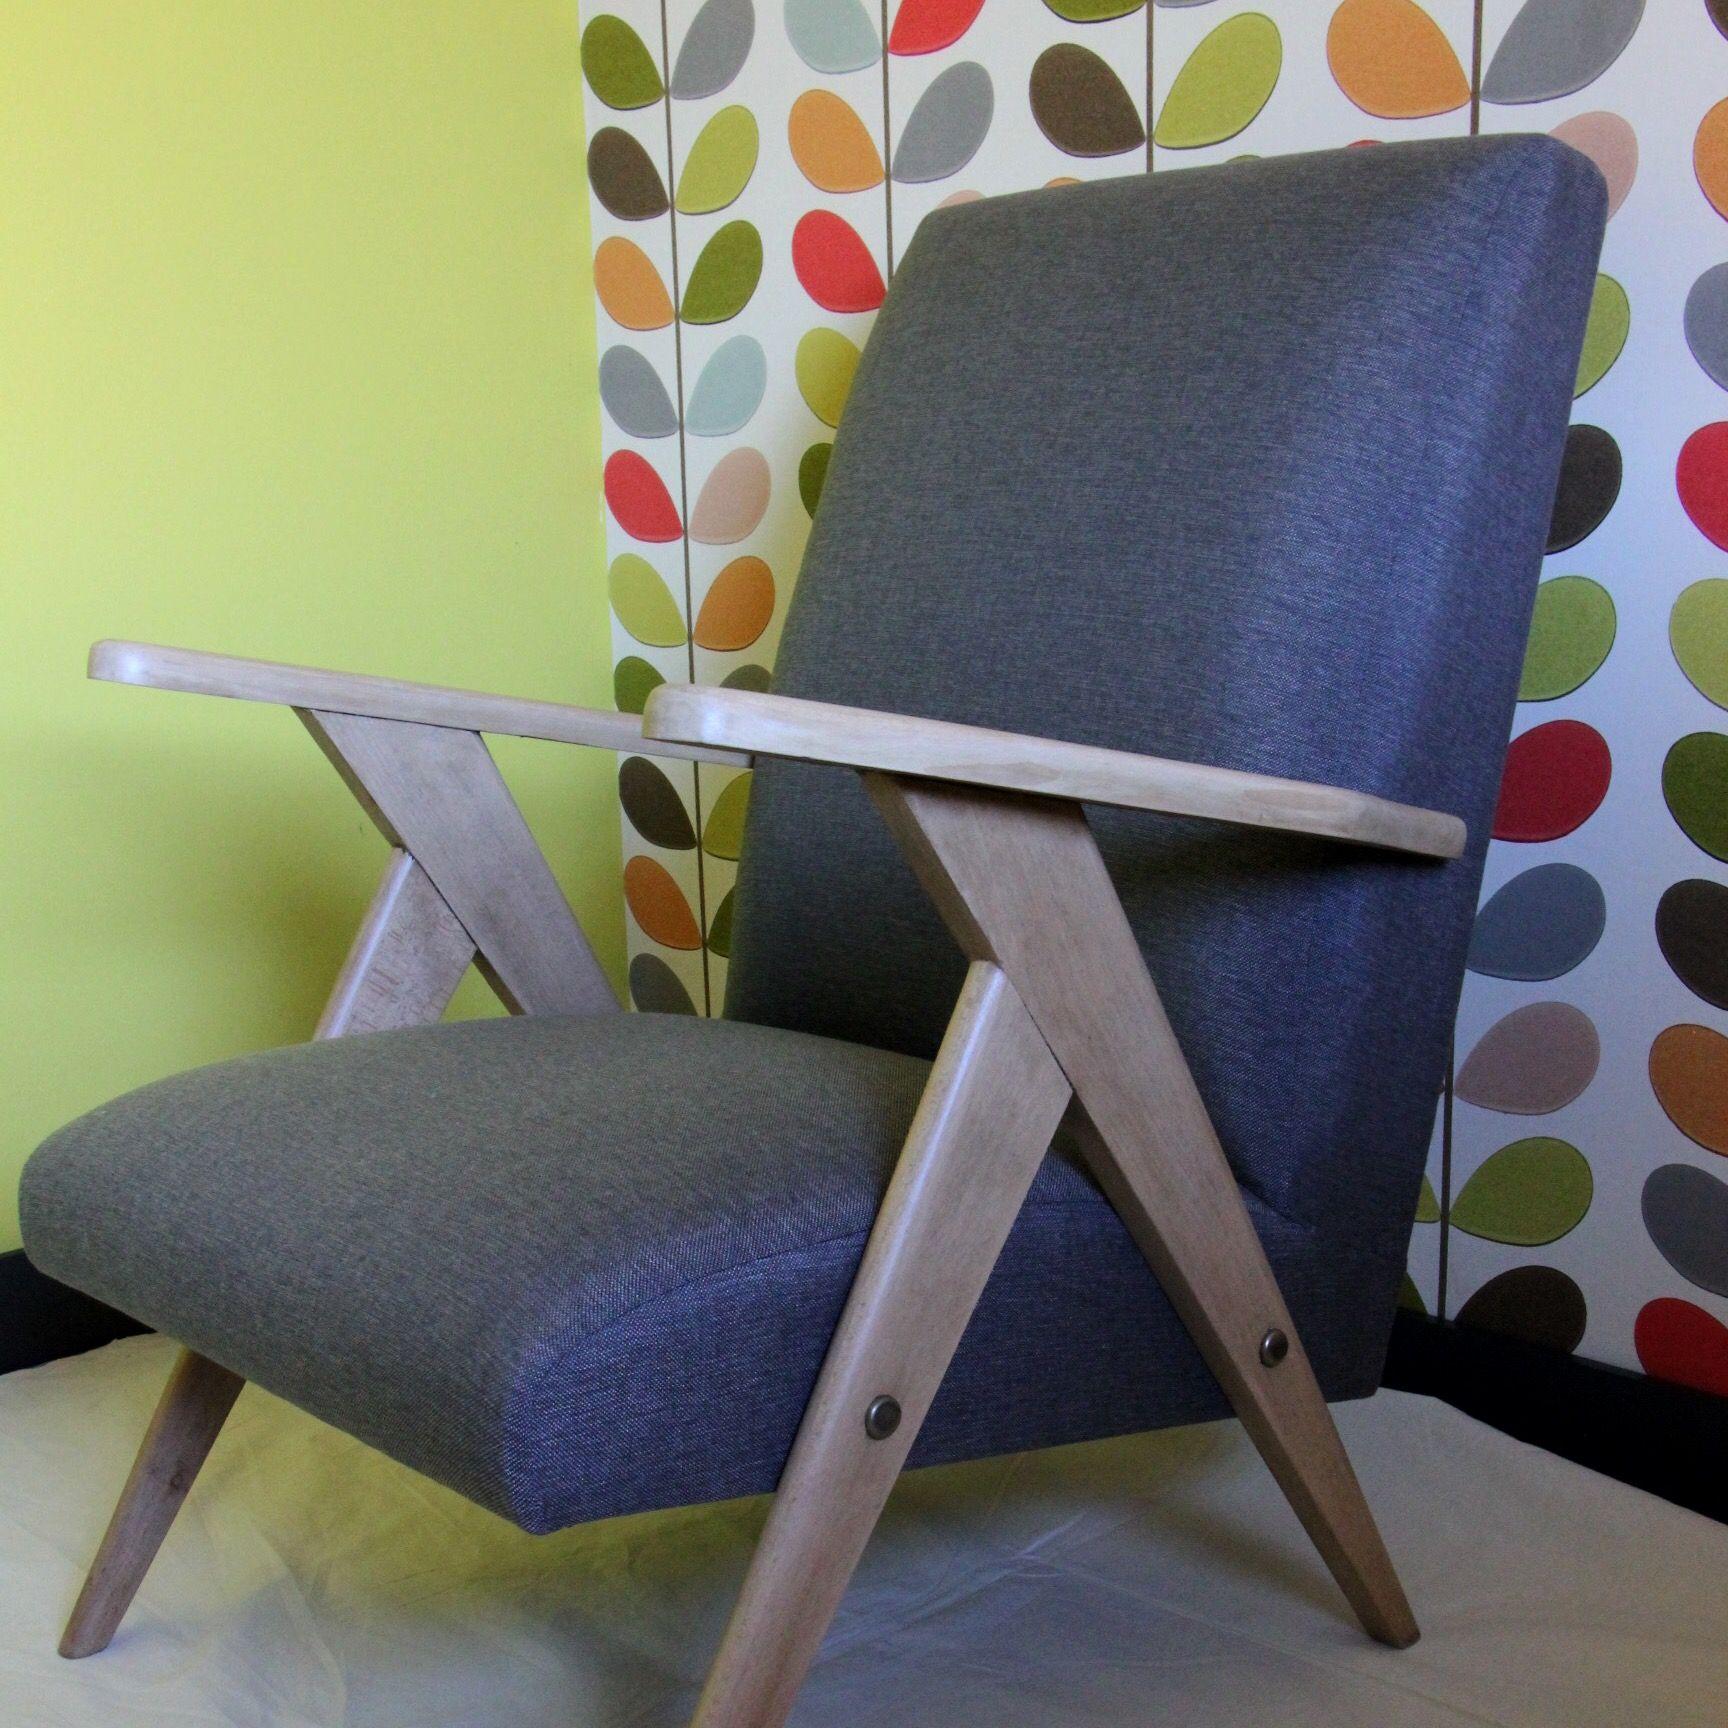 Tissus Ameublement La Rochelle tapissier fauteuil tissu vintage coloré la rochelle | tissu